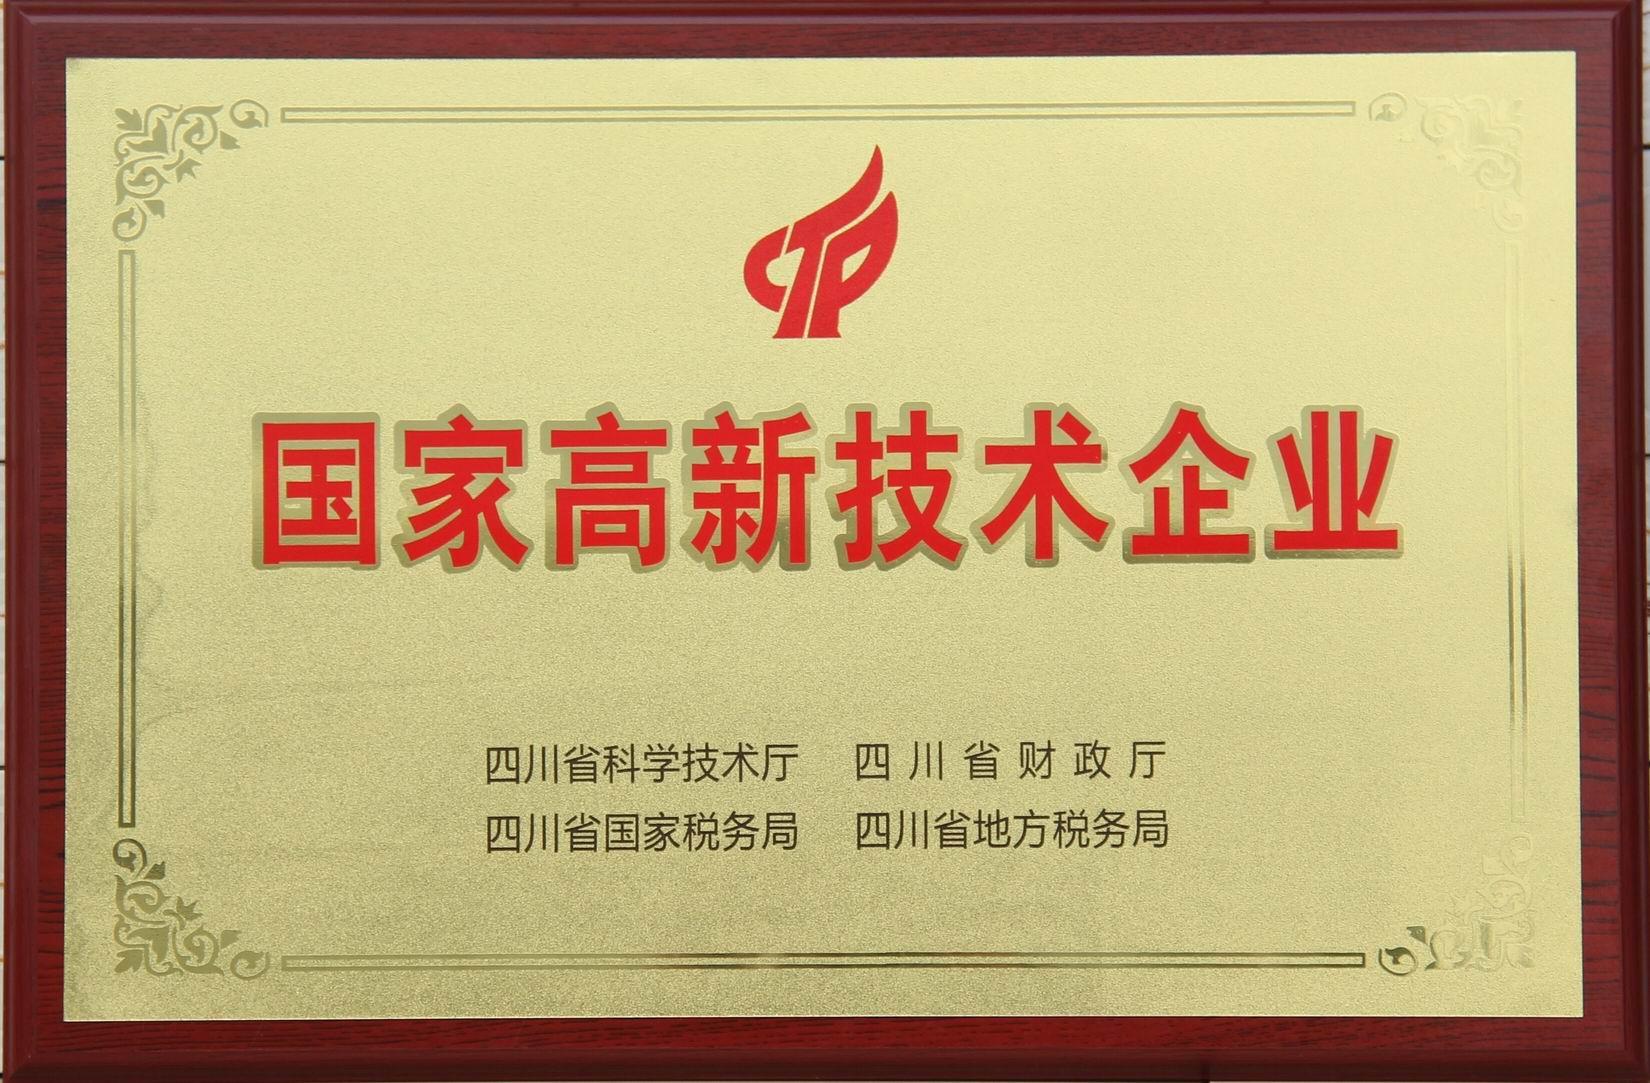 企业荣誉-国家高新技术企业